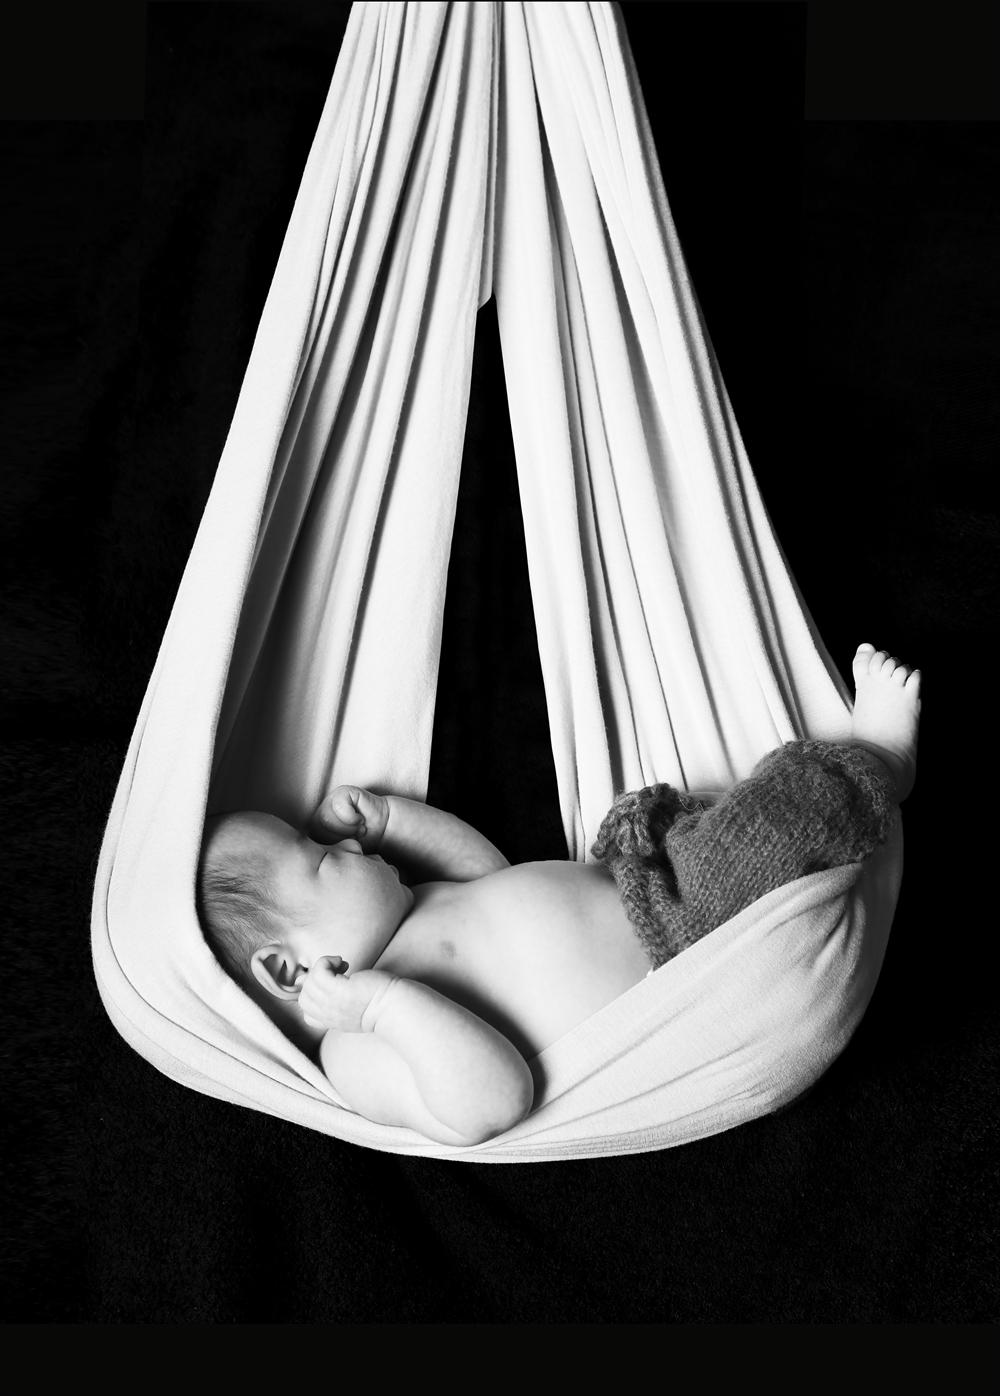 #244 Newbornphoto ニューボーンフォト ゆりかご